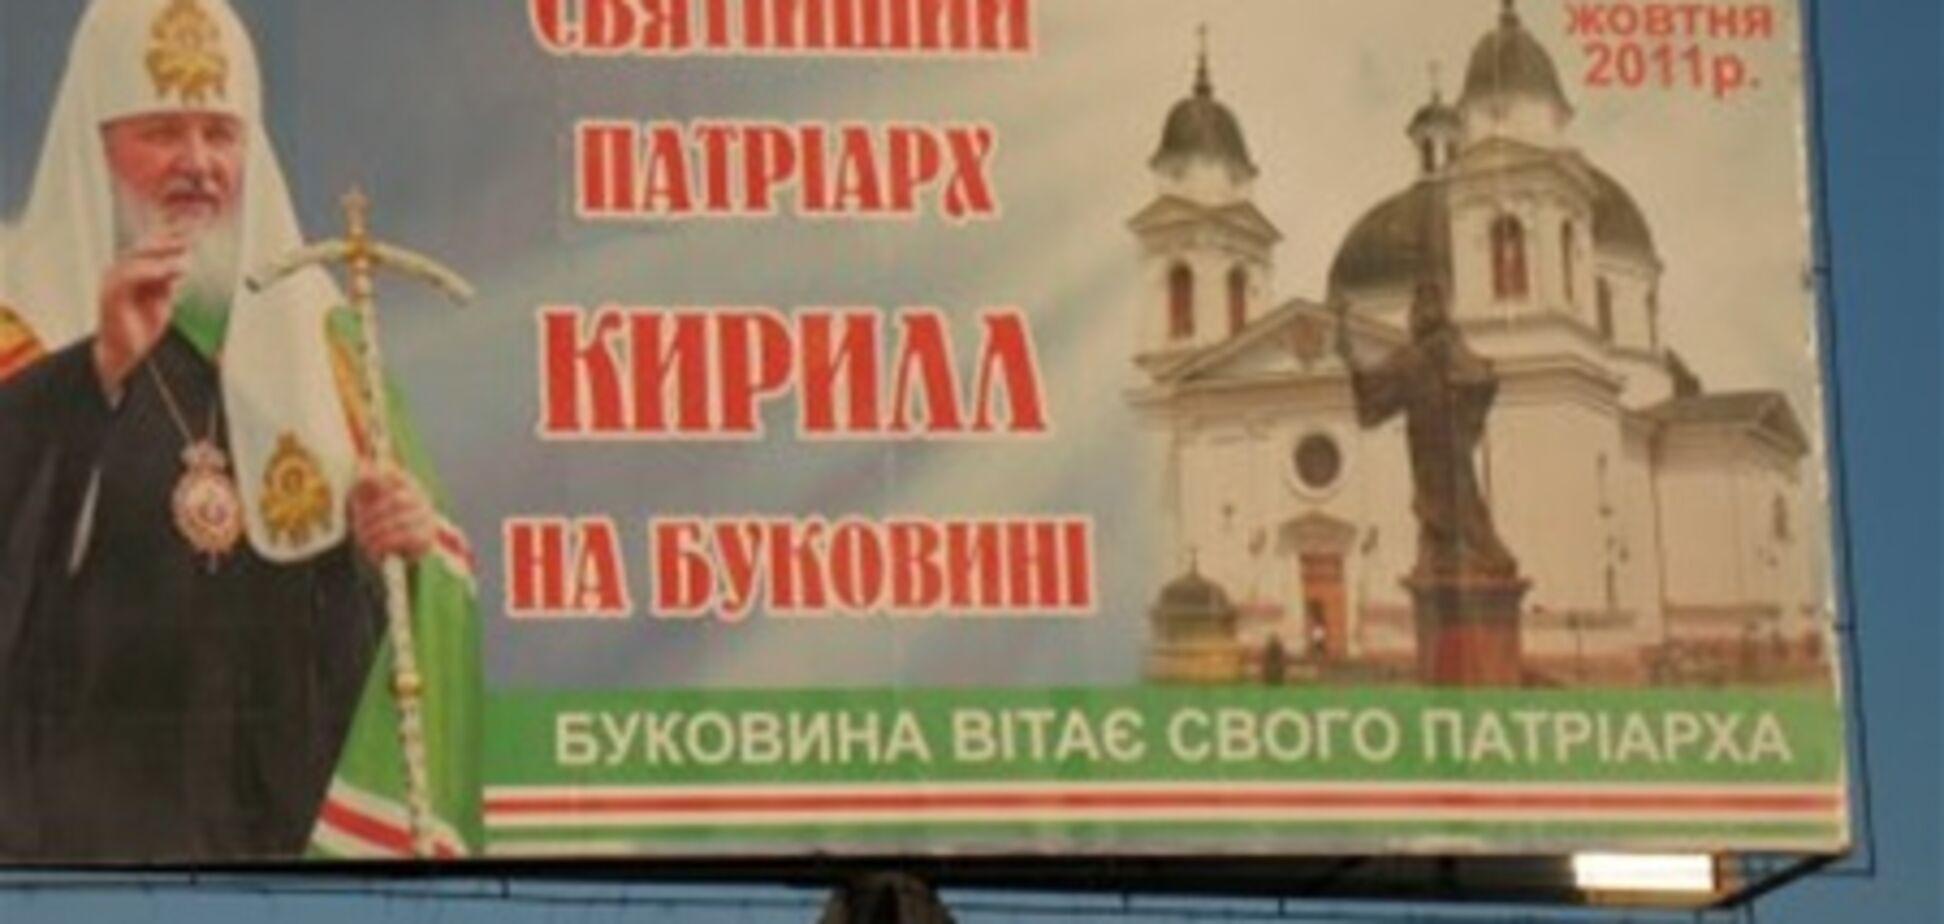 УНП выступает против билбордов с Патриархом Кириллом